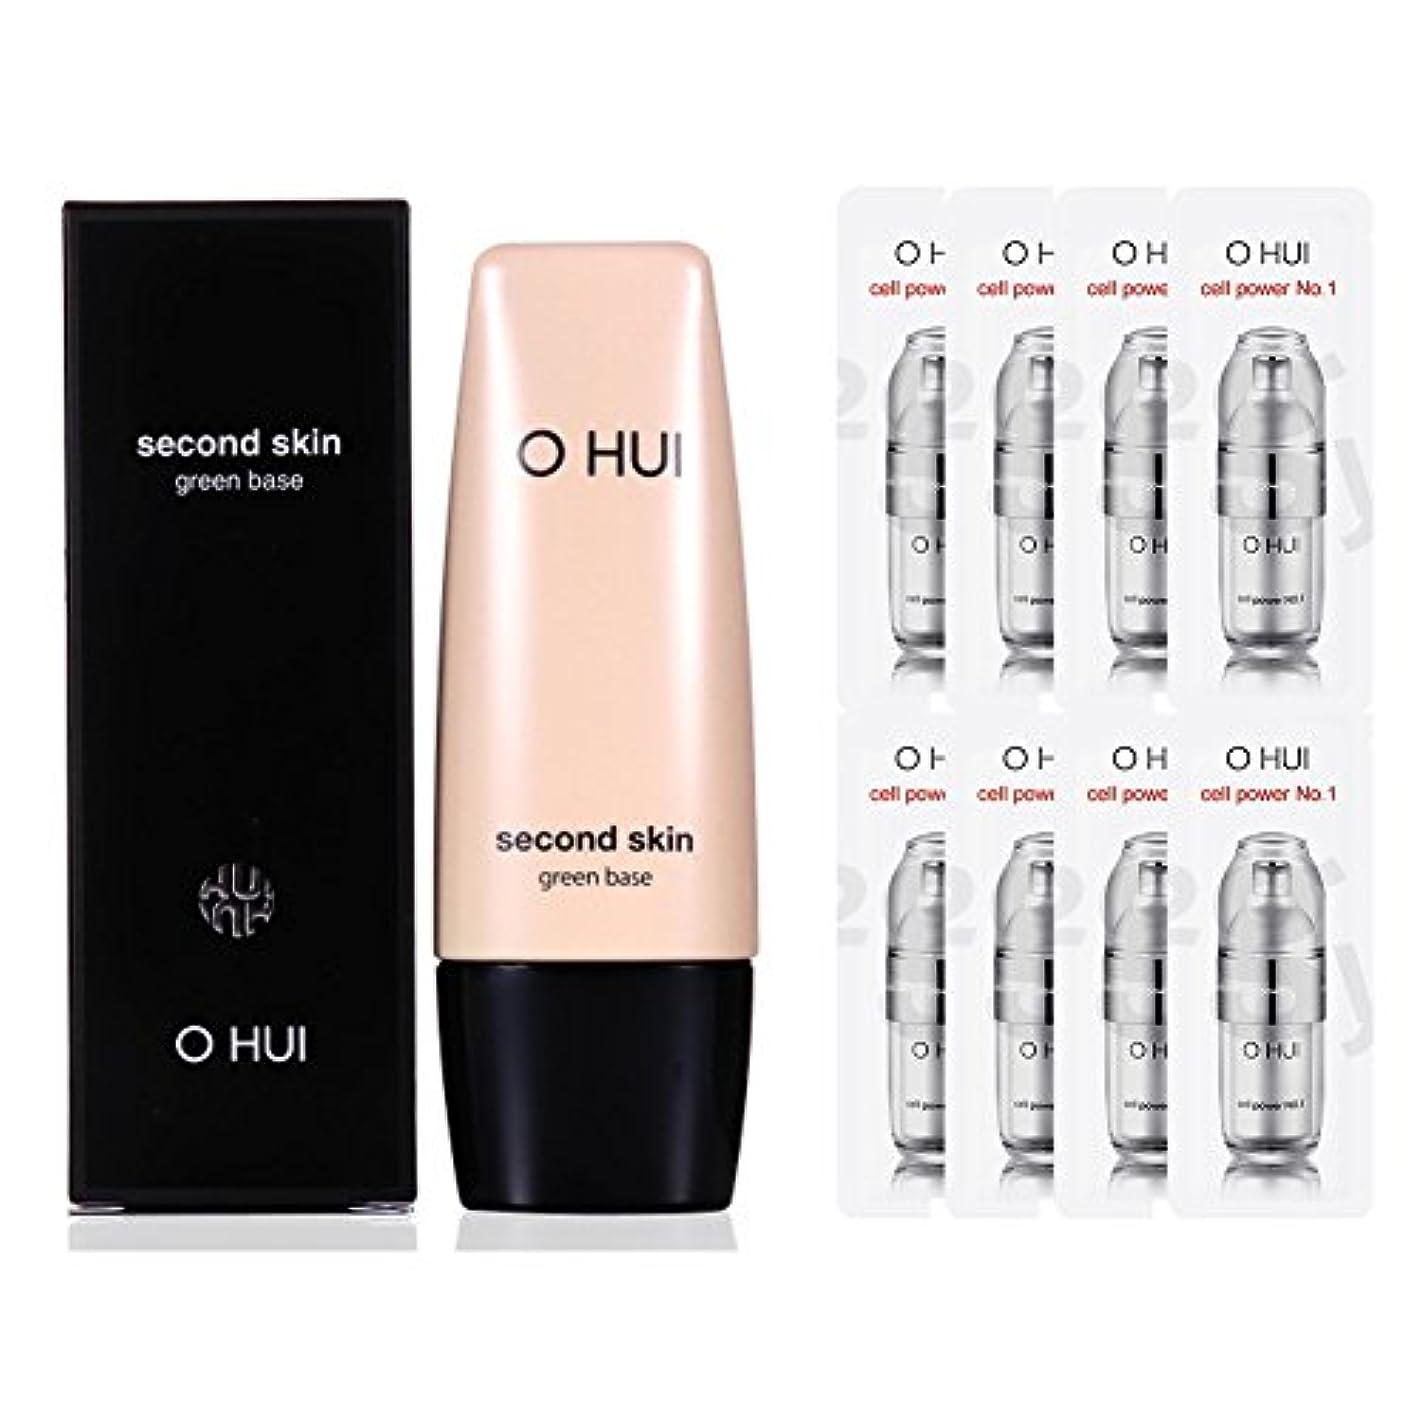 さわやかかみそり育成OHUI/オフィセカンドスキン グリーンベース (メイクアップベース) (OHUI SECOND SKIN GREEN BASE Makeup Base set) スポット [海外直送品]